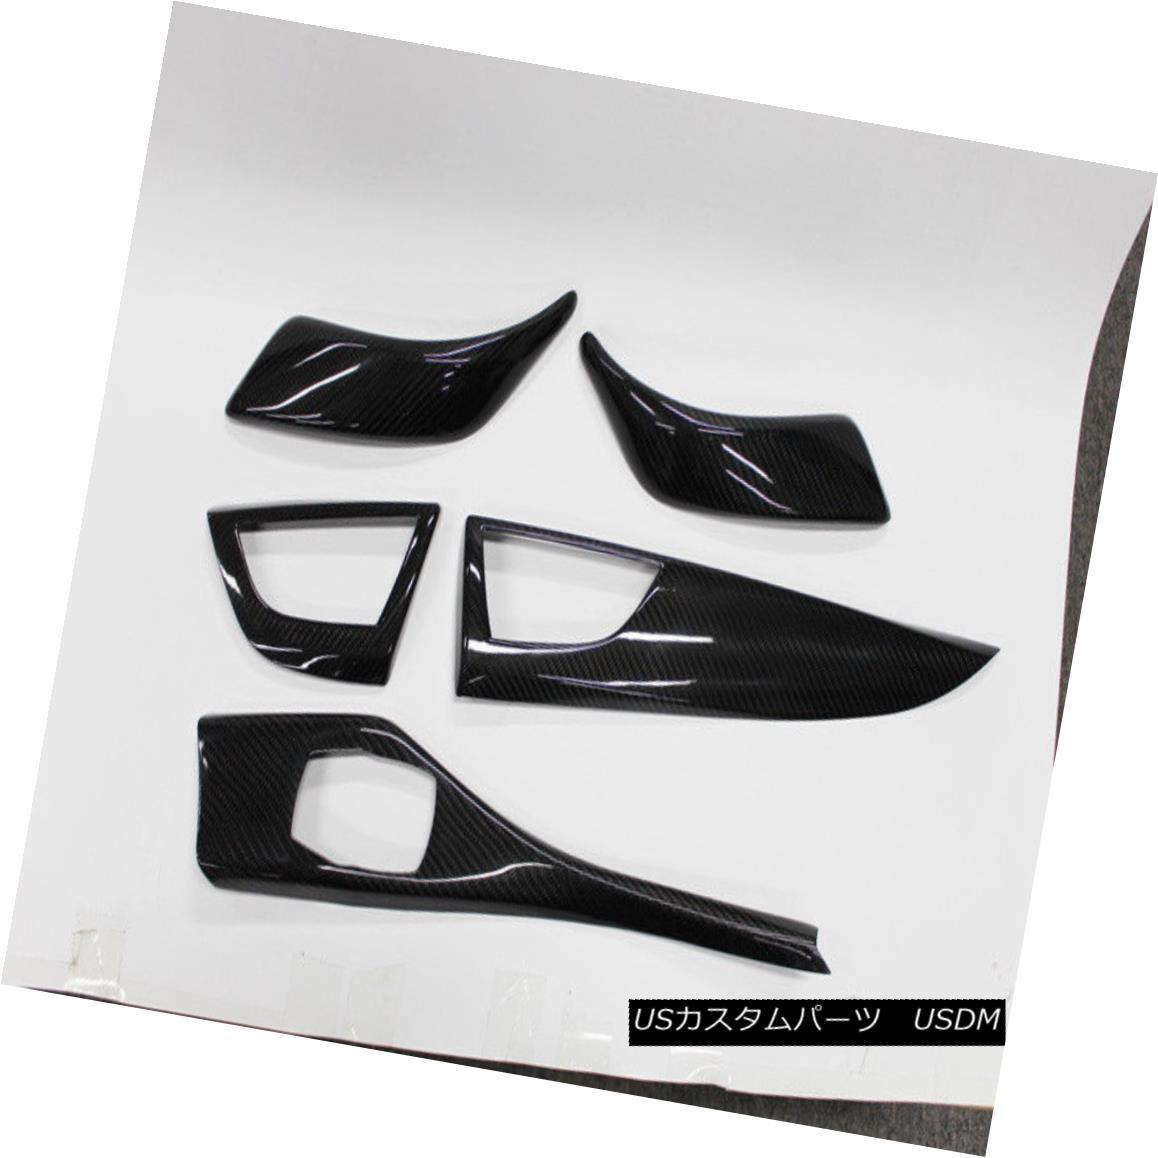 エアロパーツ For BMW 1 Series F20 F21 High Model Carbon Inner Dash Trim Cover Refit LHD 7PCS BMW 1シリーズF20 F21ハイモデルカーボンインナーダッシュトリムカバーLHD 7PCS用